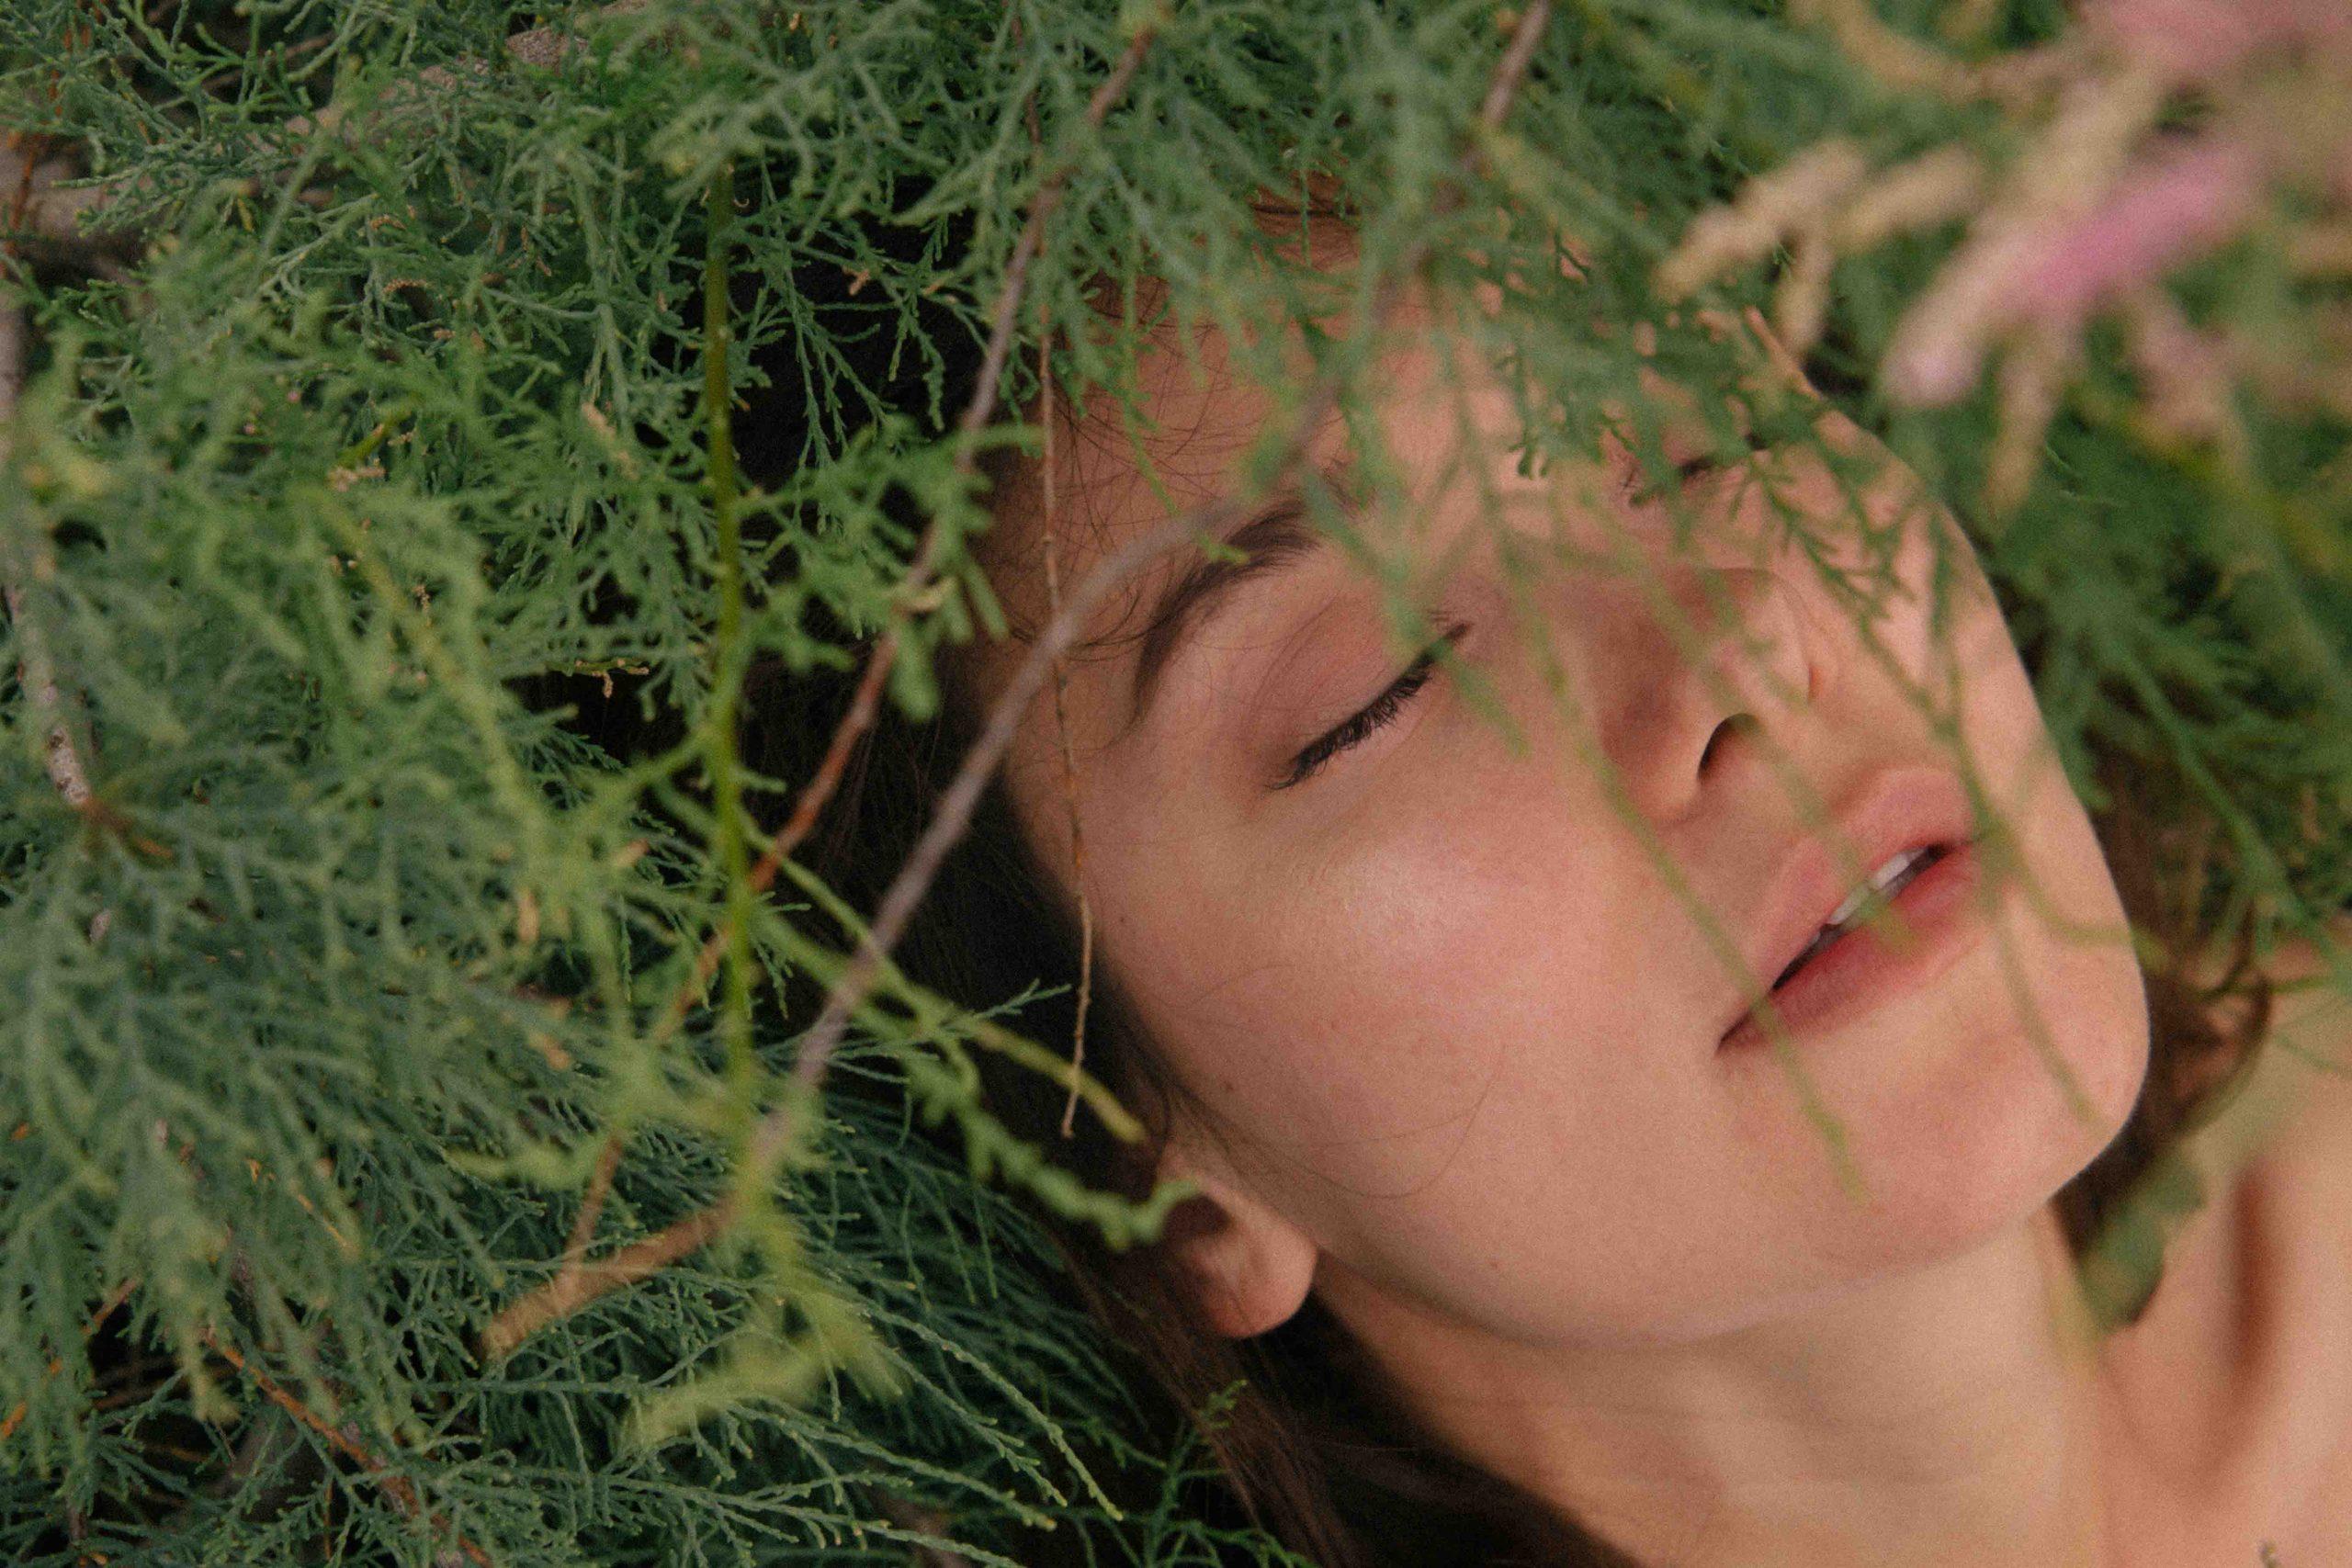 cô gái cung hoàng đạo nằm dưới cỏ